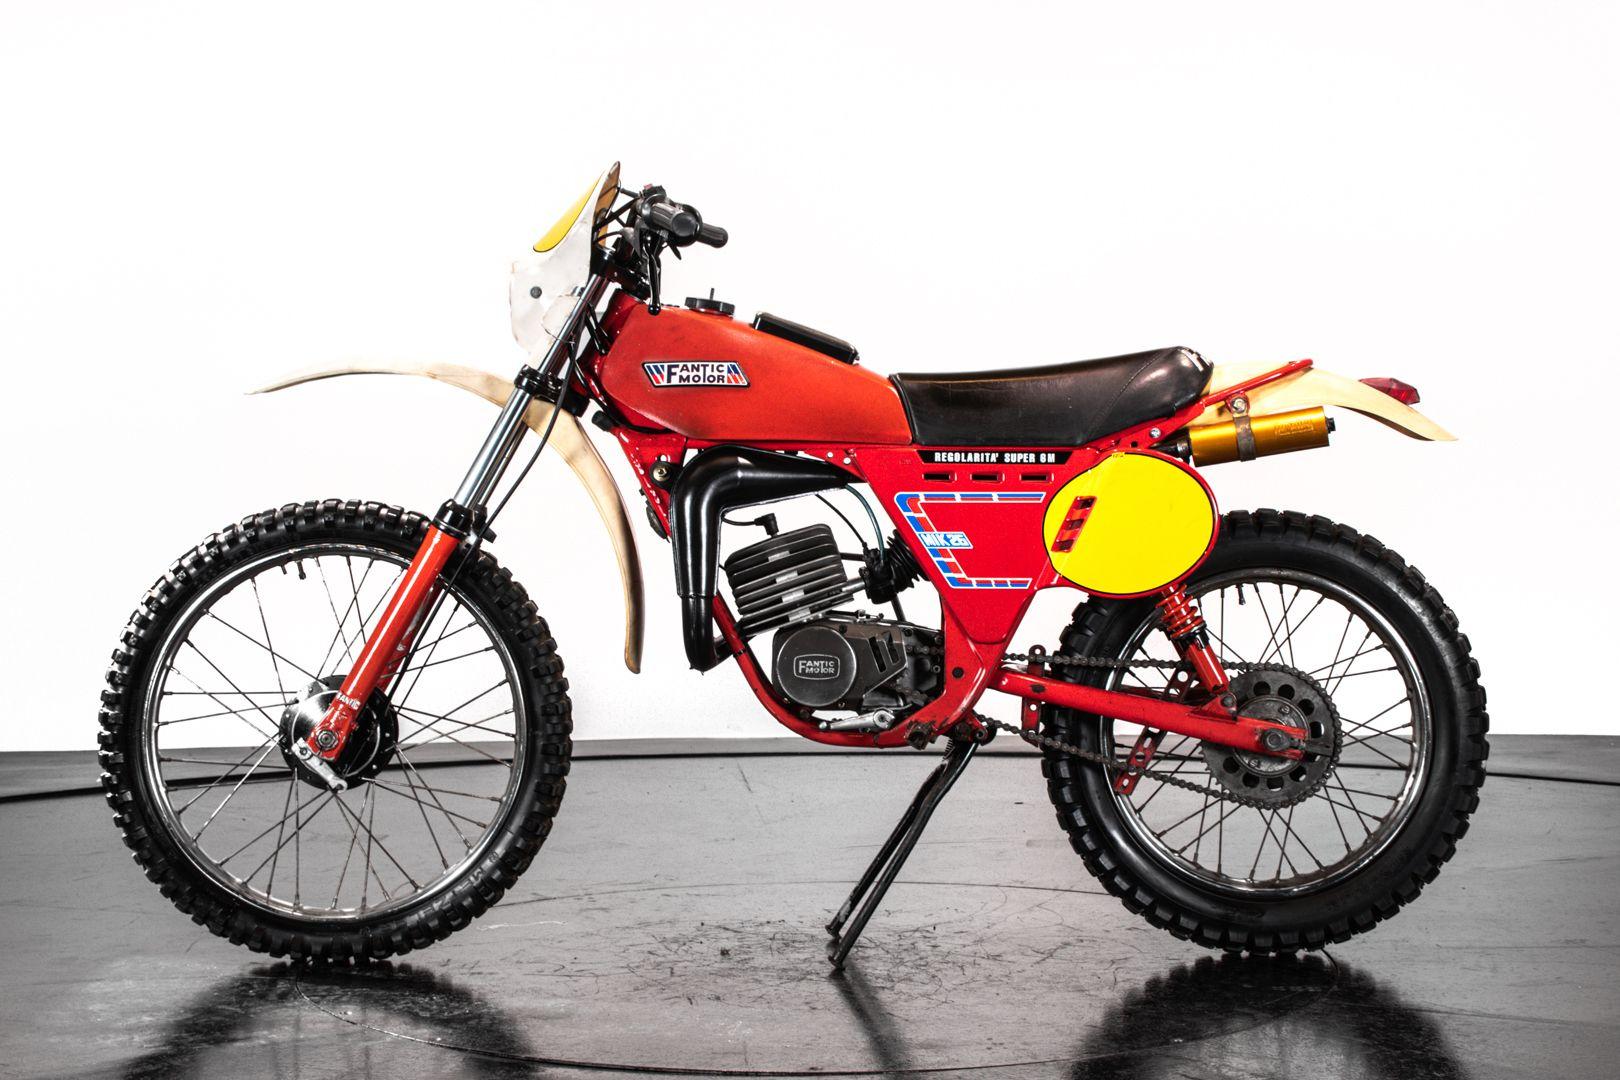 1980 Fantic Motor Caballero 50 Super 6M TX 190 65381